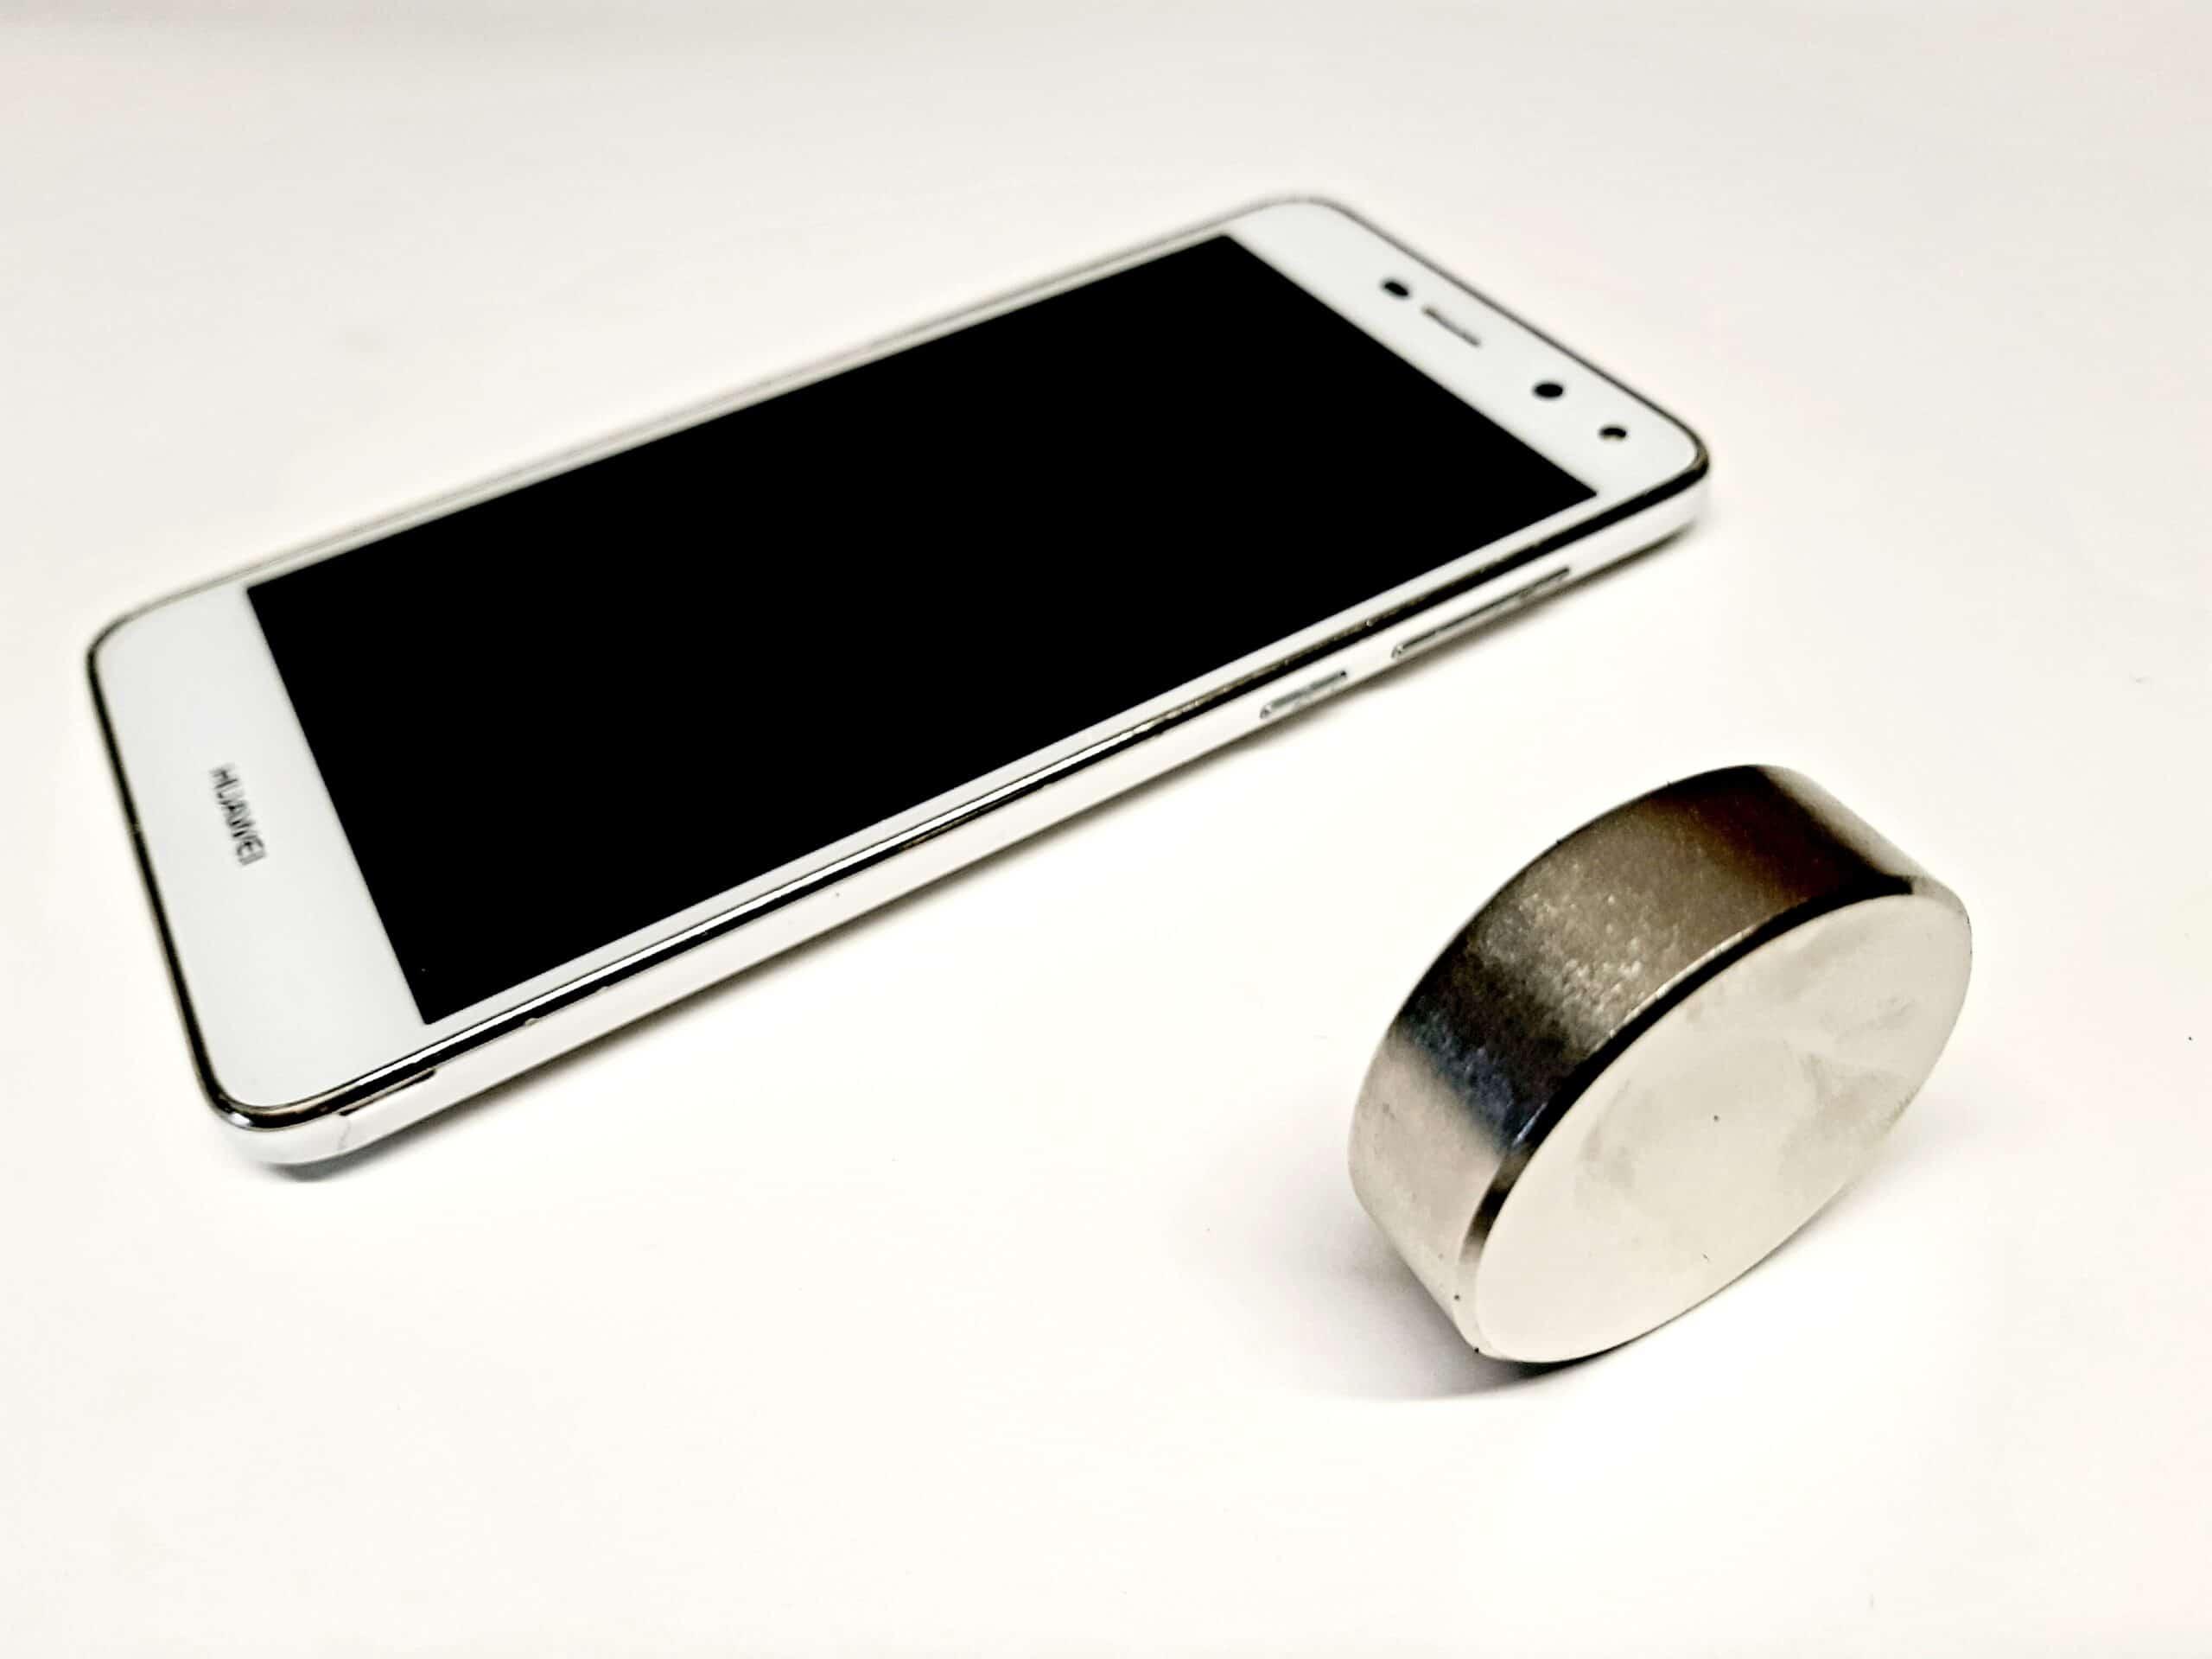 Is een magneet schadelijk voor een telefoon?